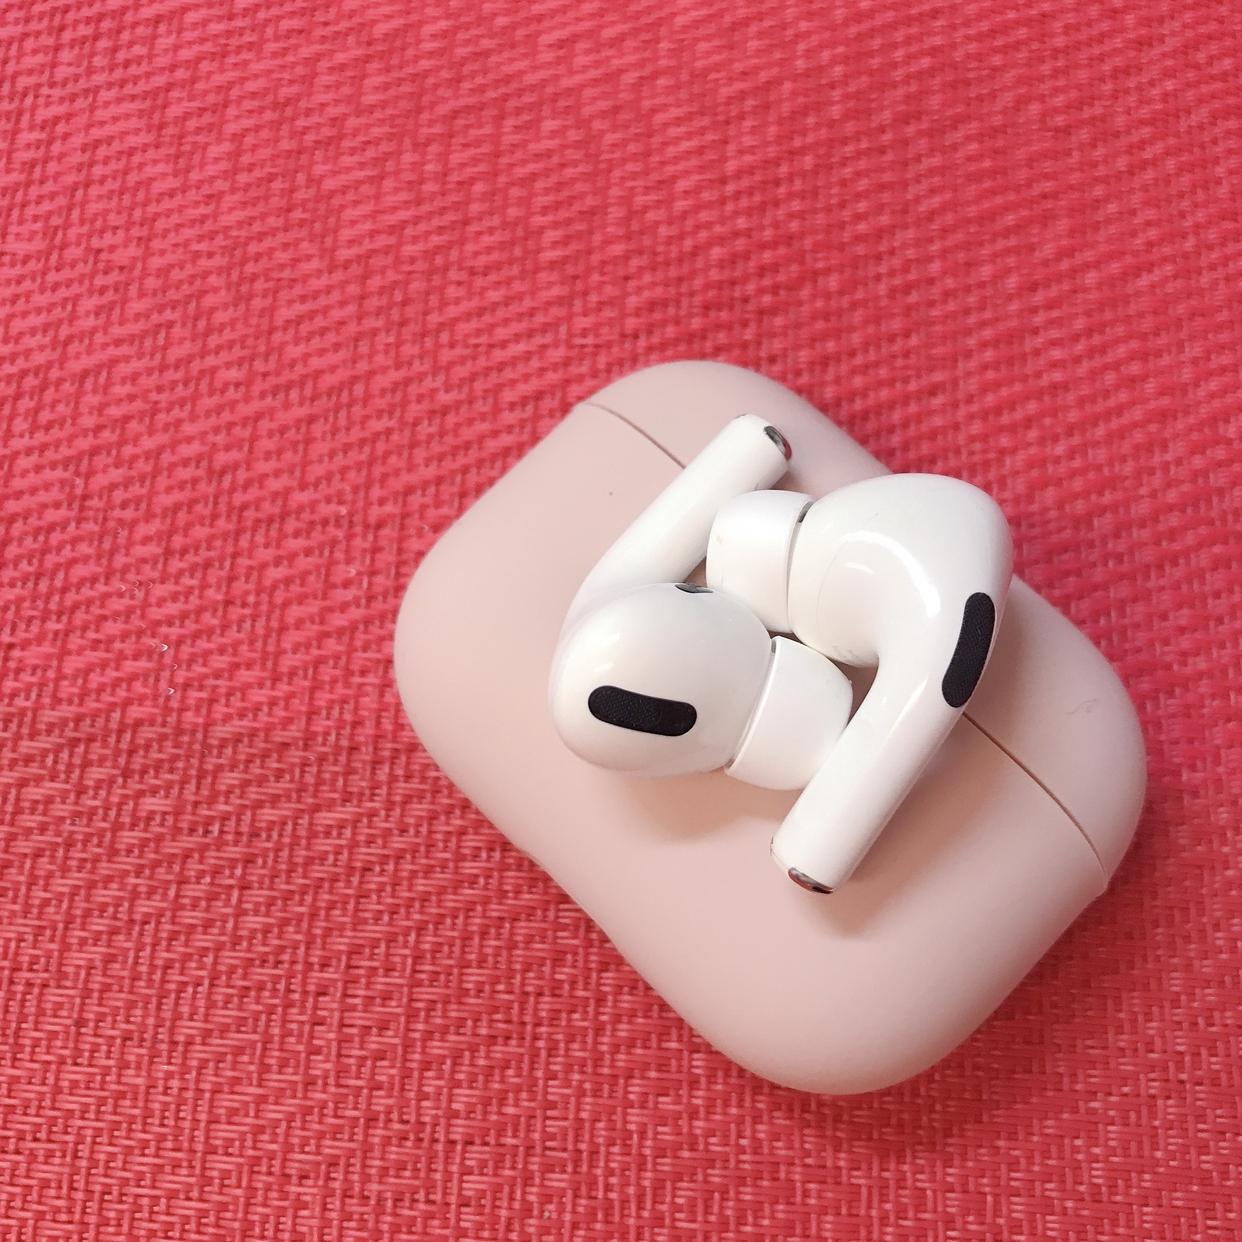 Apple(アップル)AirPods Proを使ったNonさんのクチコミ画像1